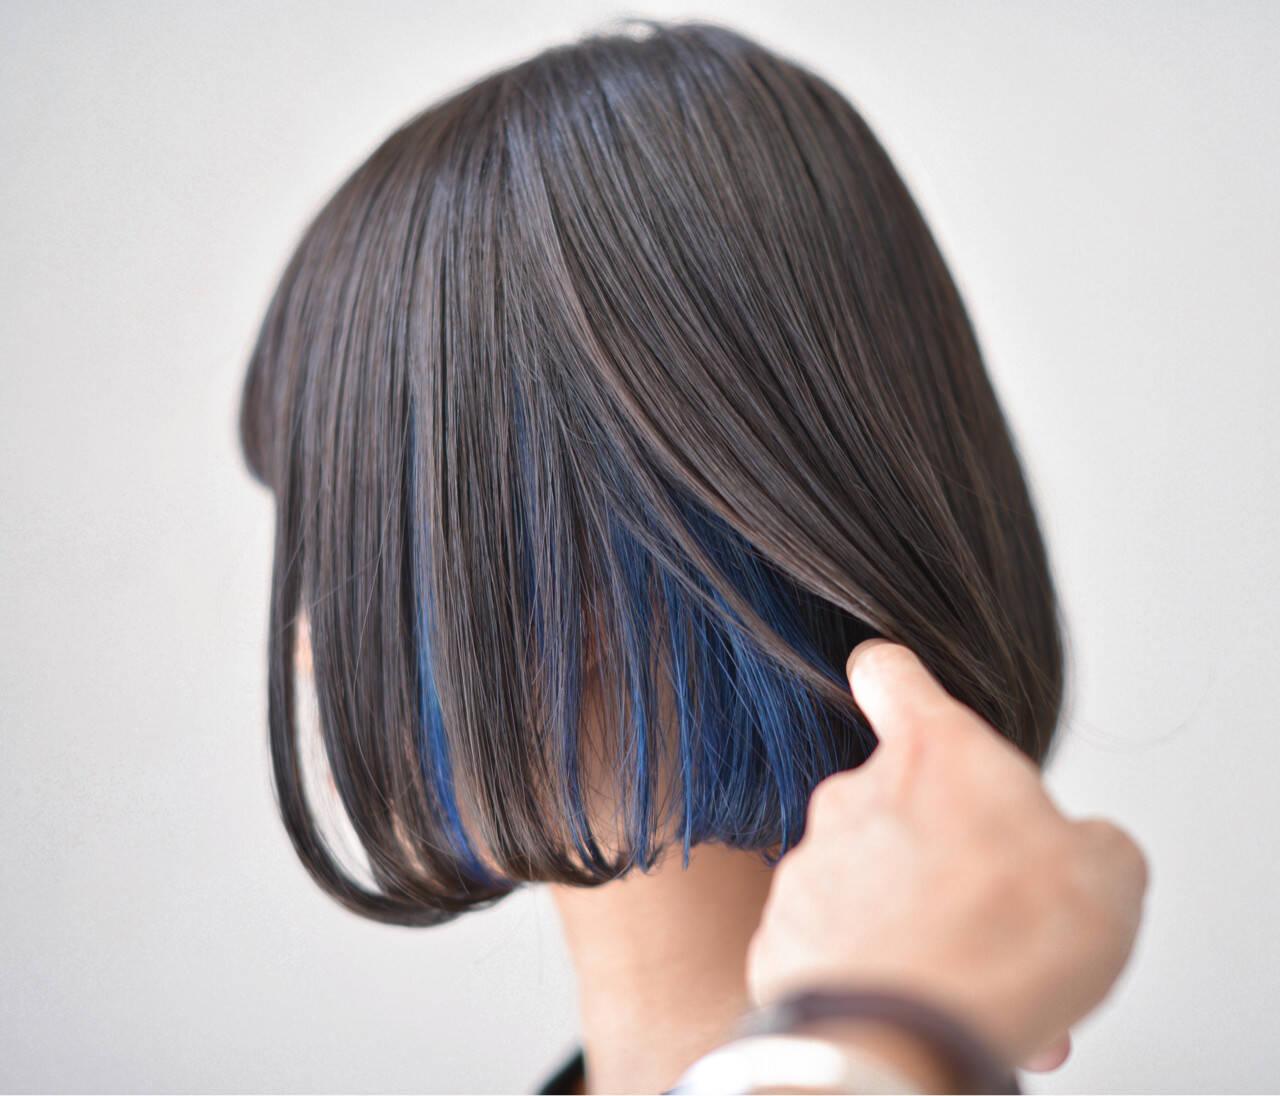 ボブ 暗髪 ハイライト モードヘアスタイルや髪型の写真・画像